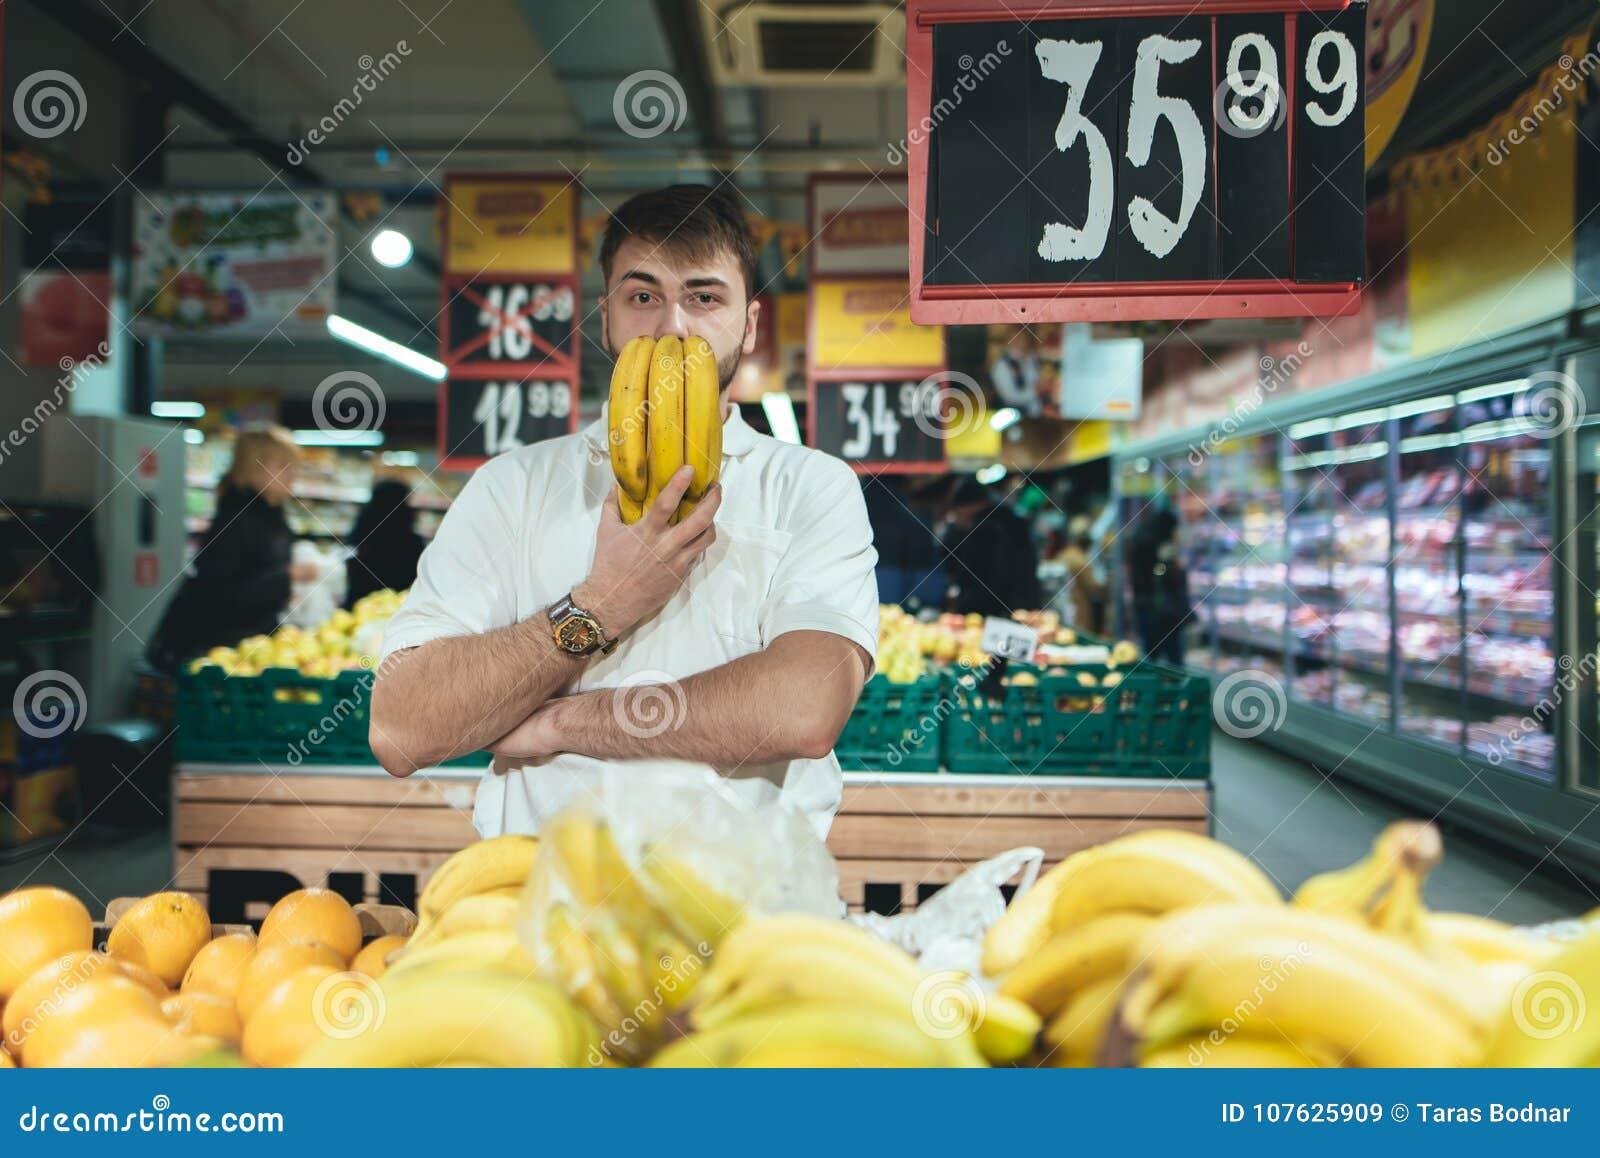 Un hombre con los plátanos en sus manos presenta en un supermercado al hacer compras El comprador compra la fruta en la tienda